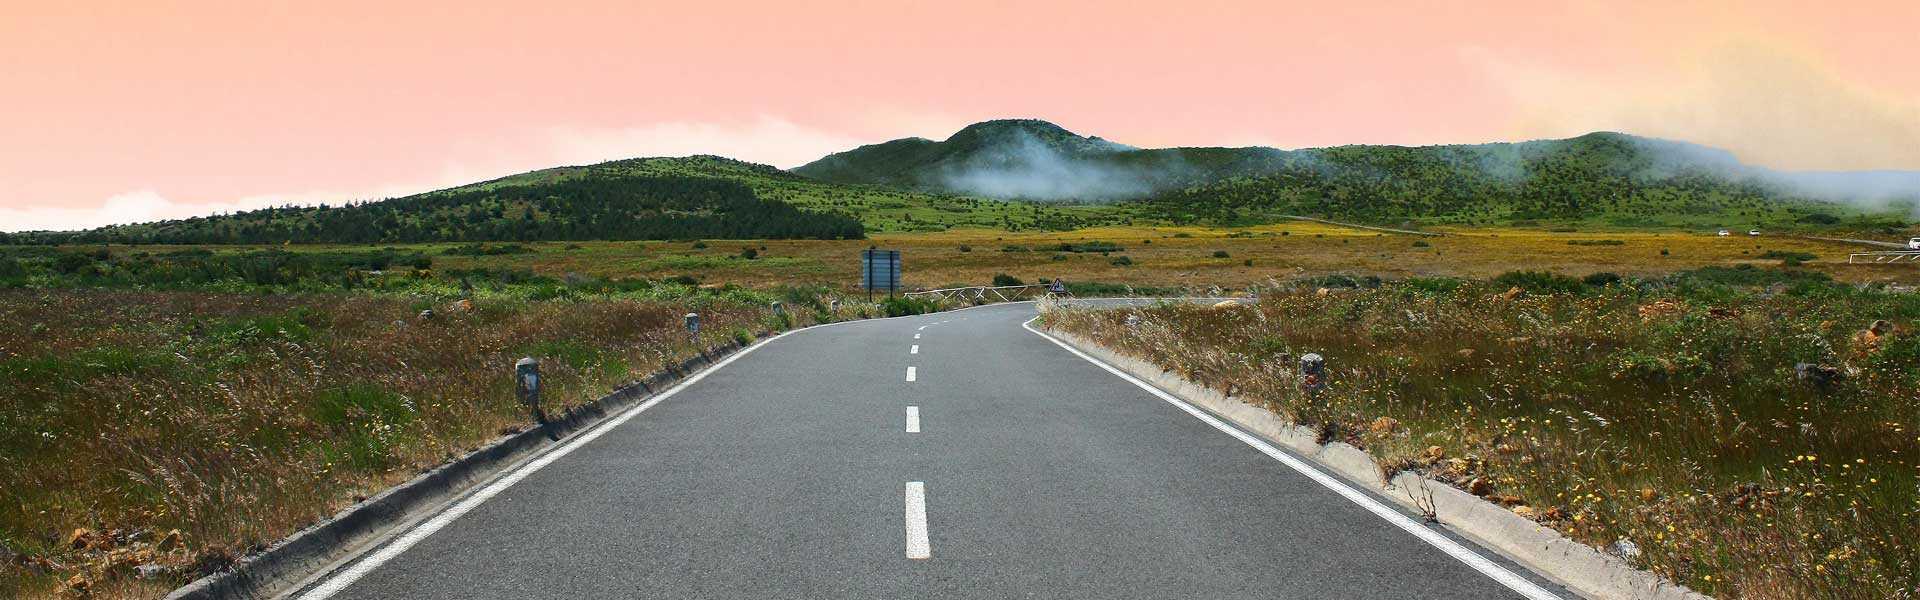 Des routes bientôt construites à partir de pneus recyclés